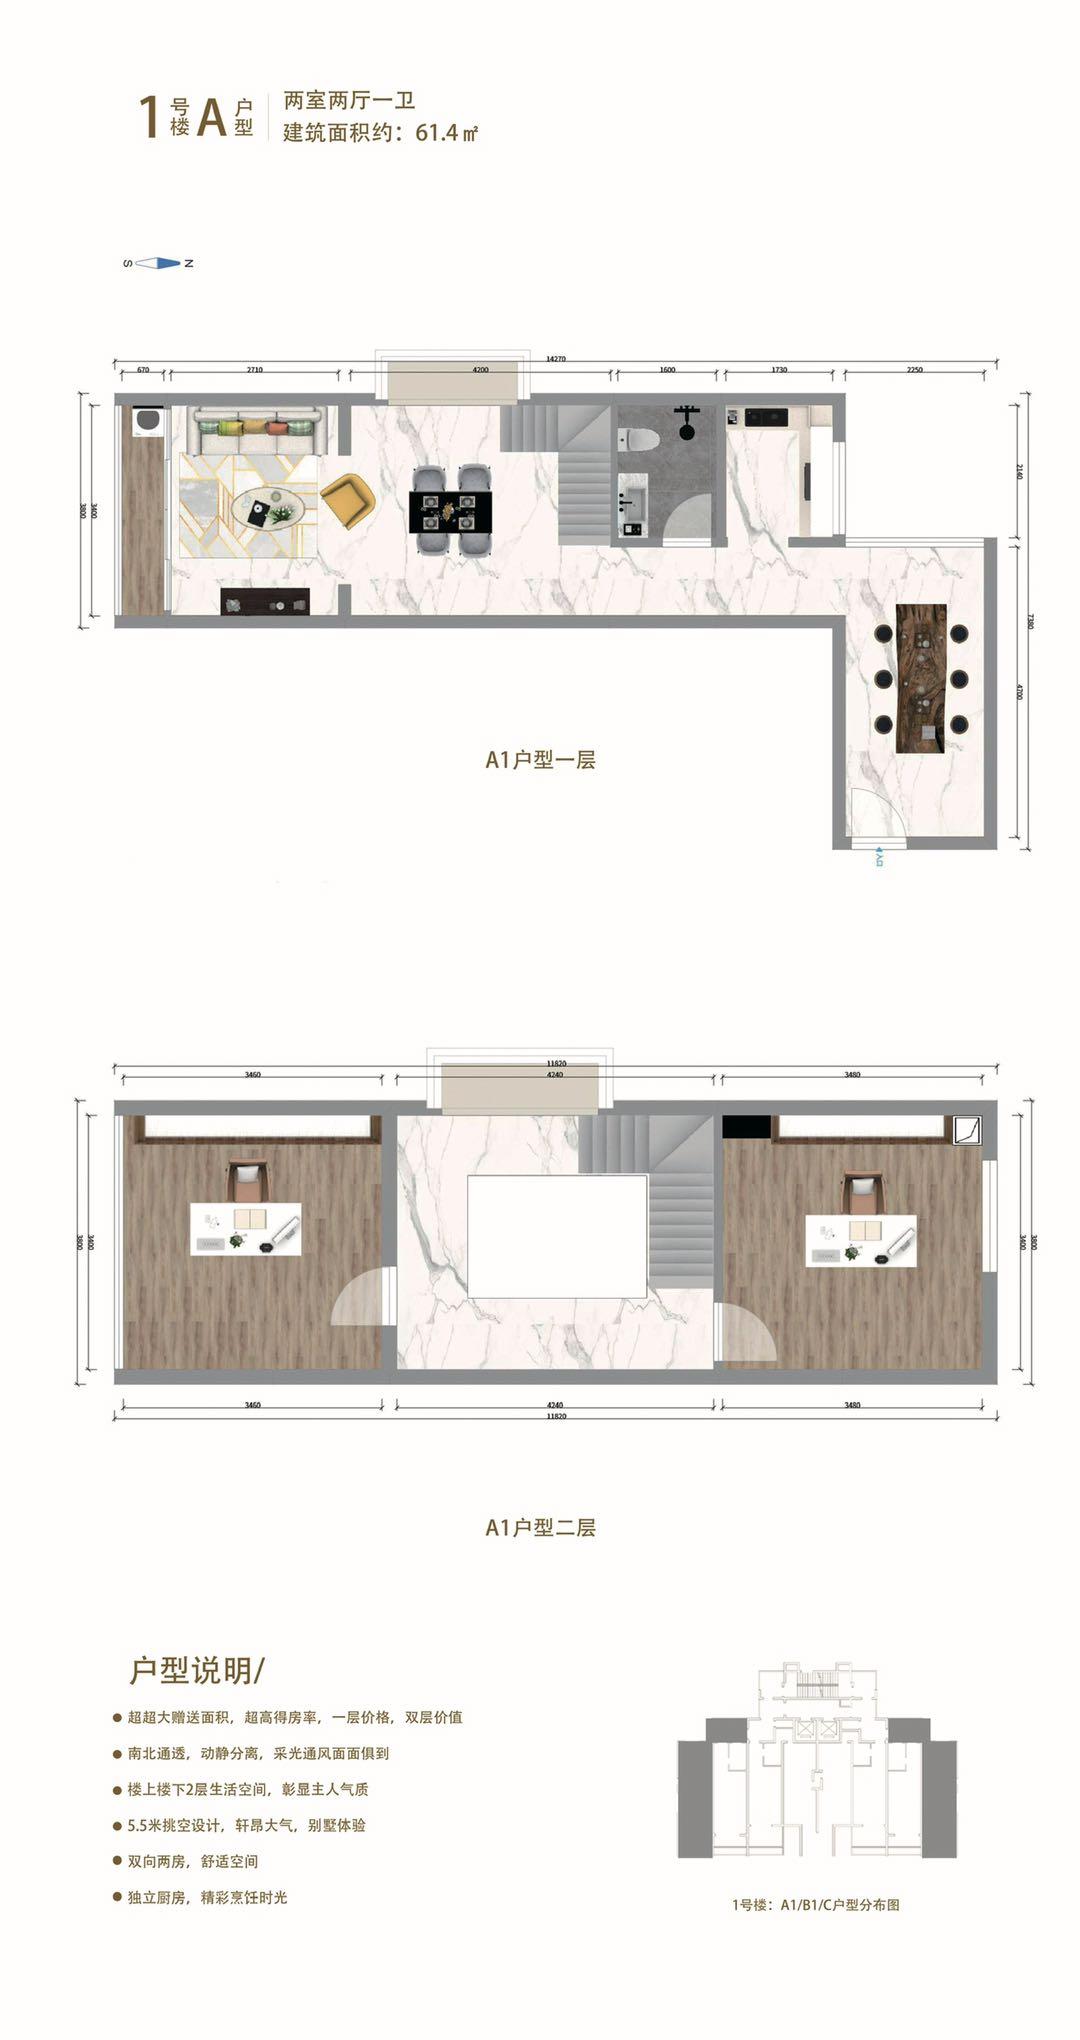 1号楼A户型 2室2厅1卫 建面61.4㎡